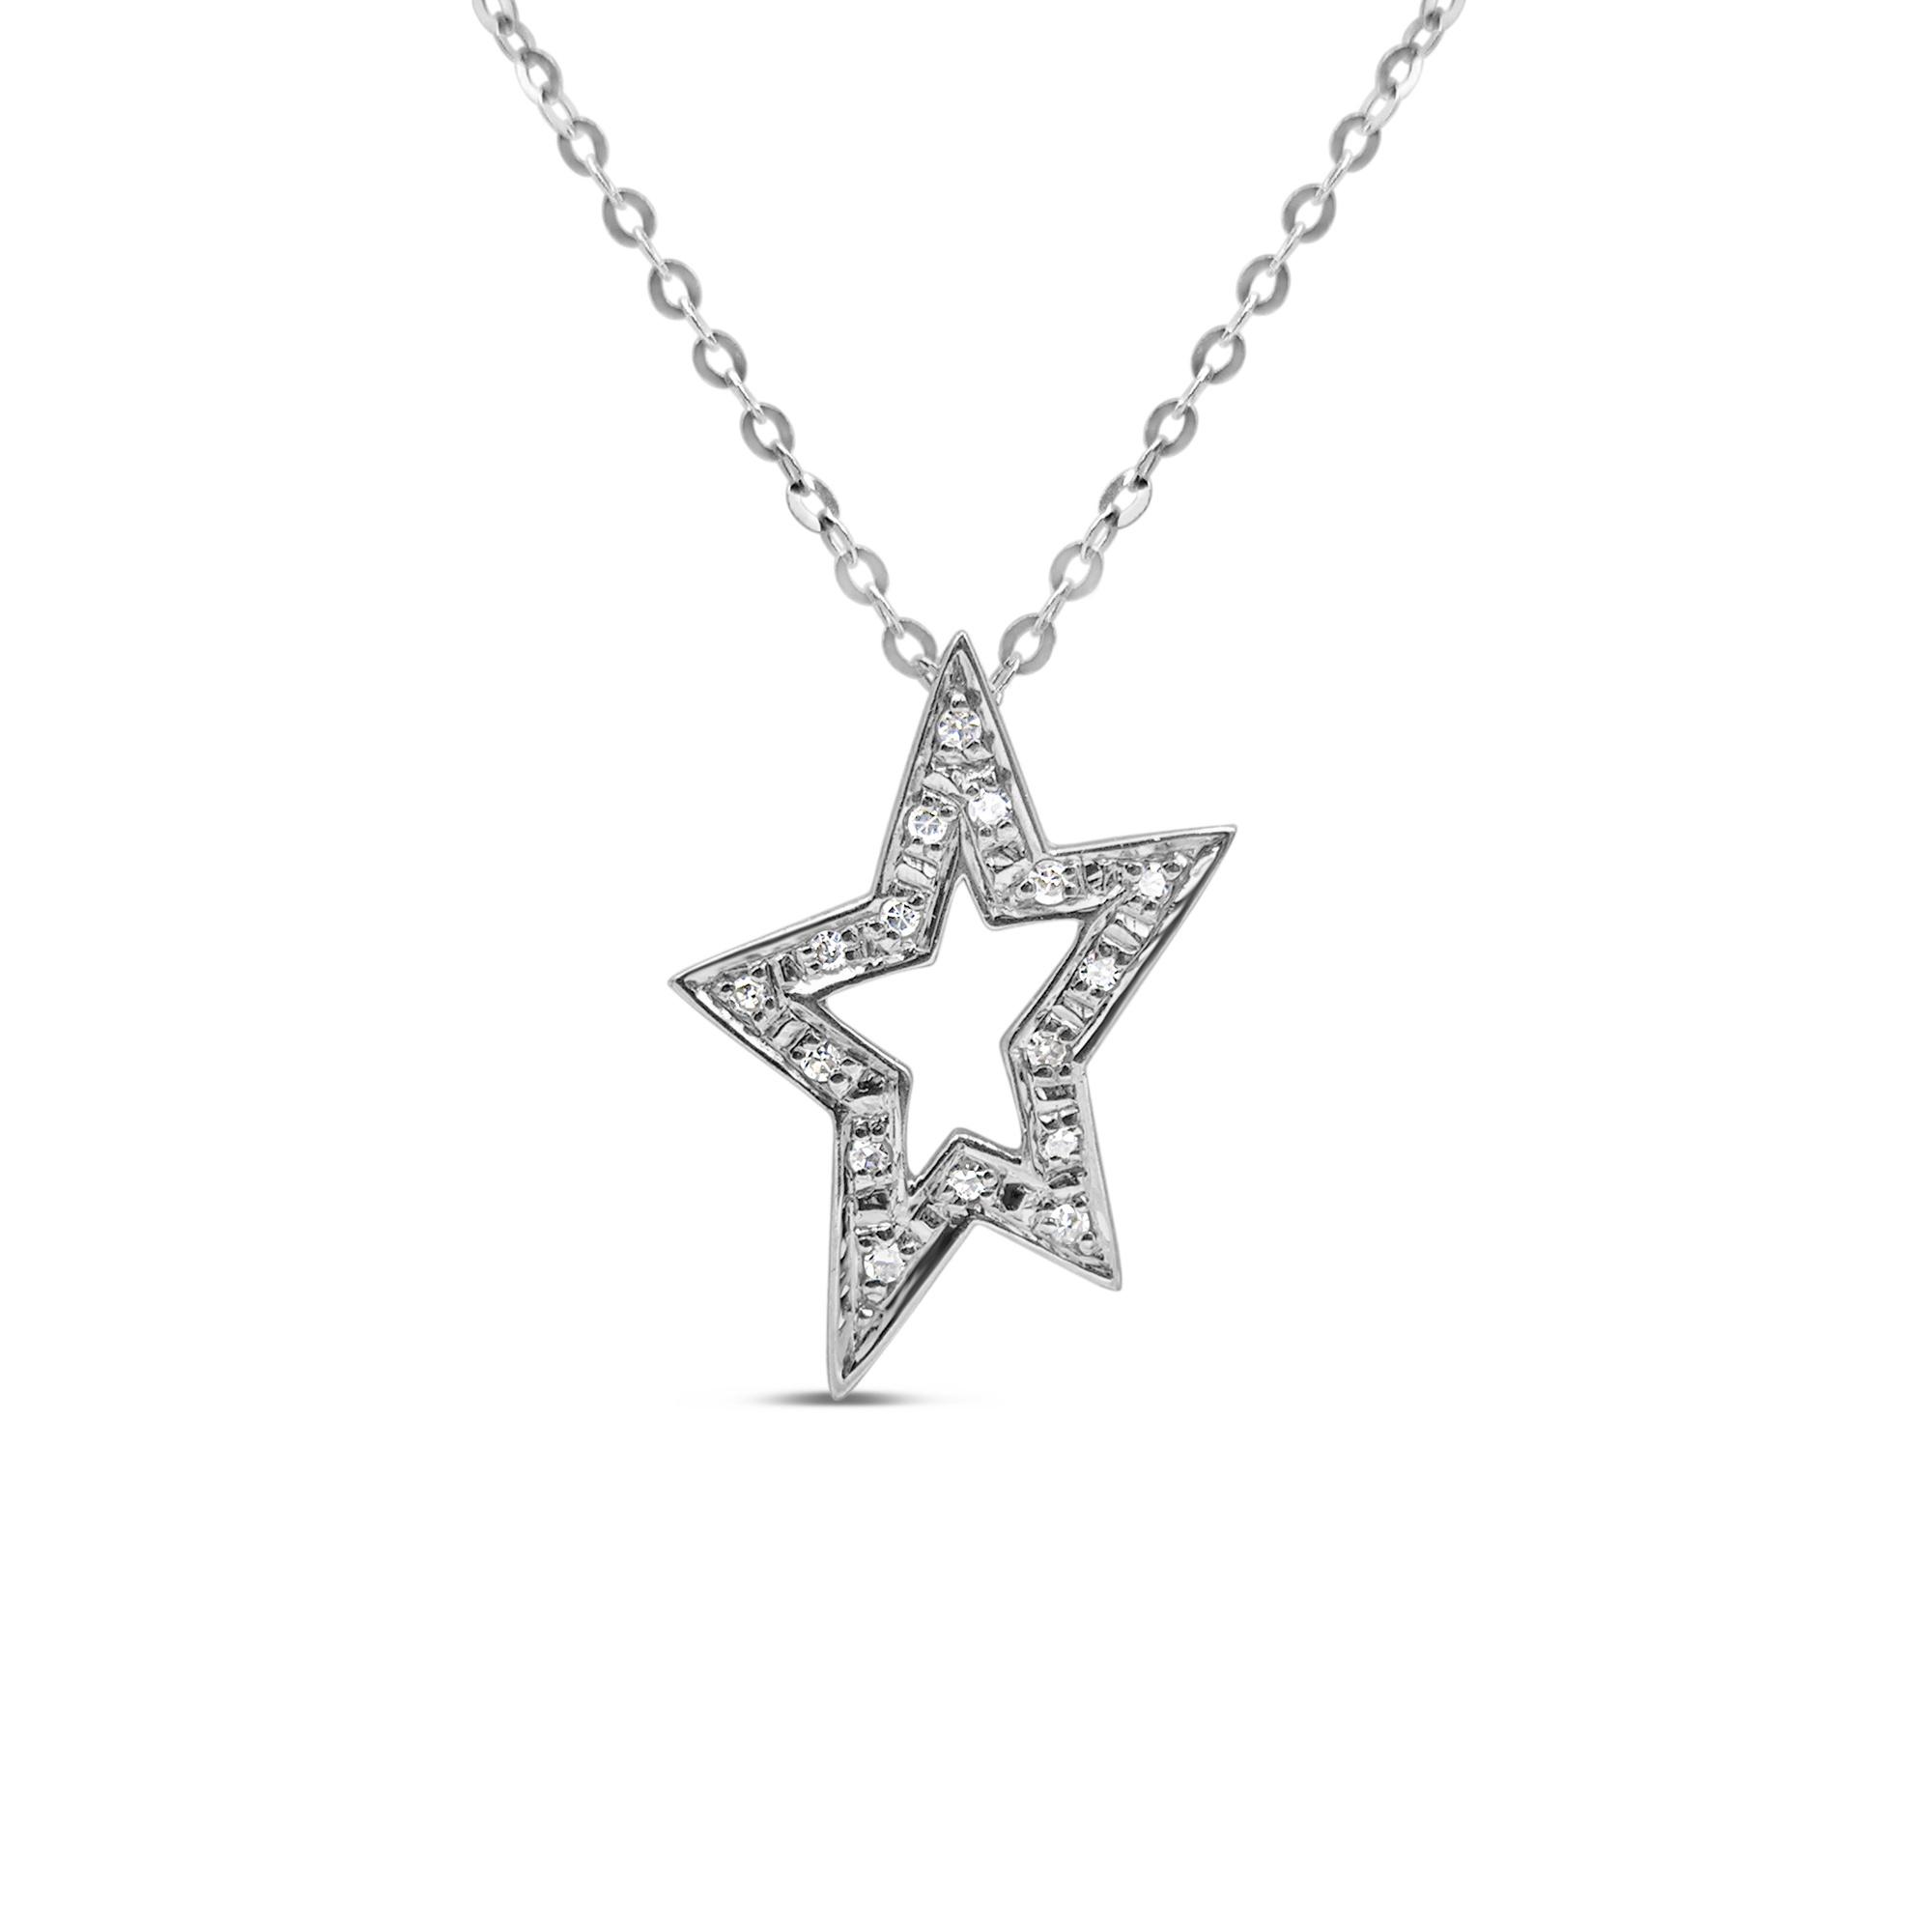 18kt wit goud ster hanger met 0.08 ct diamanten